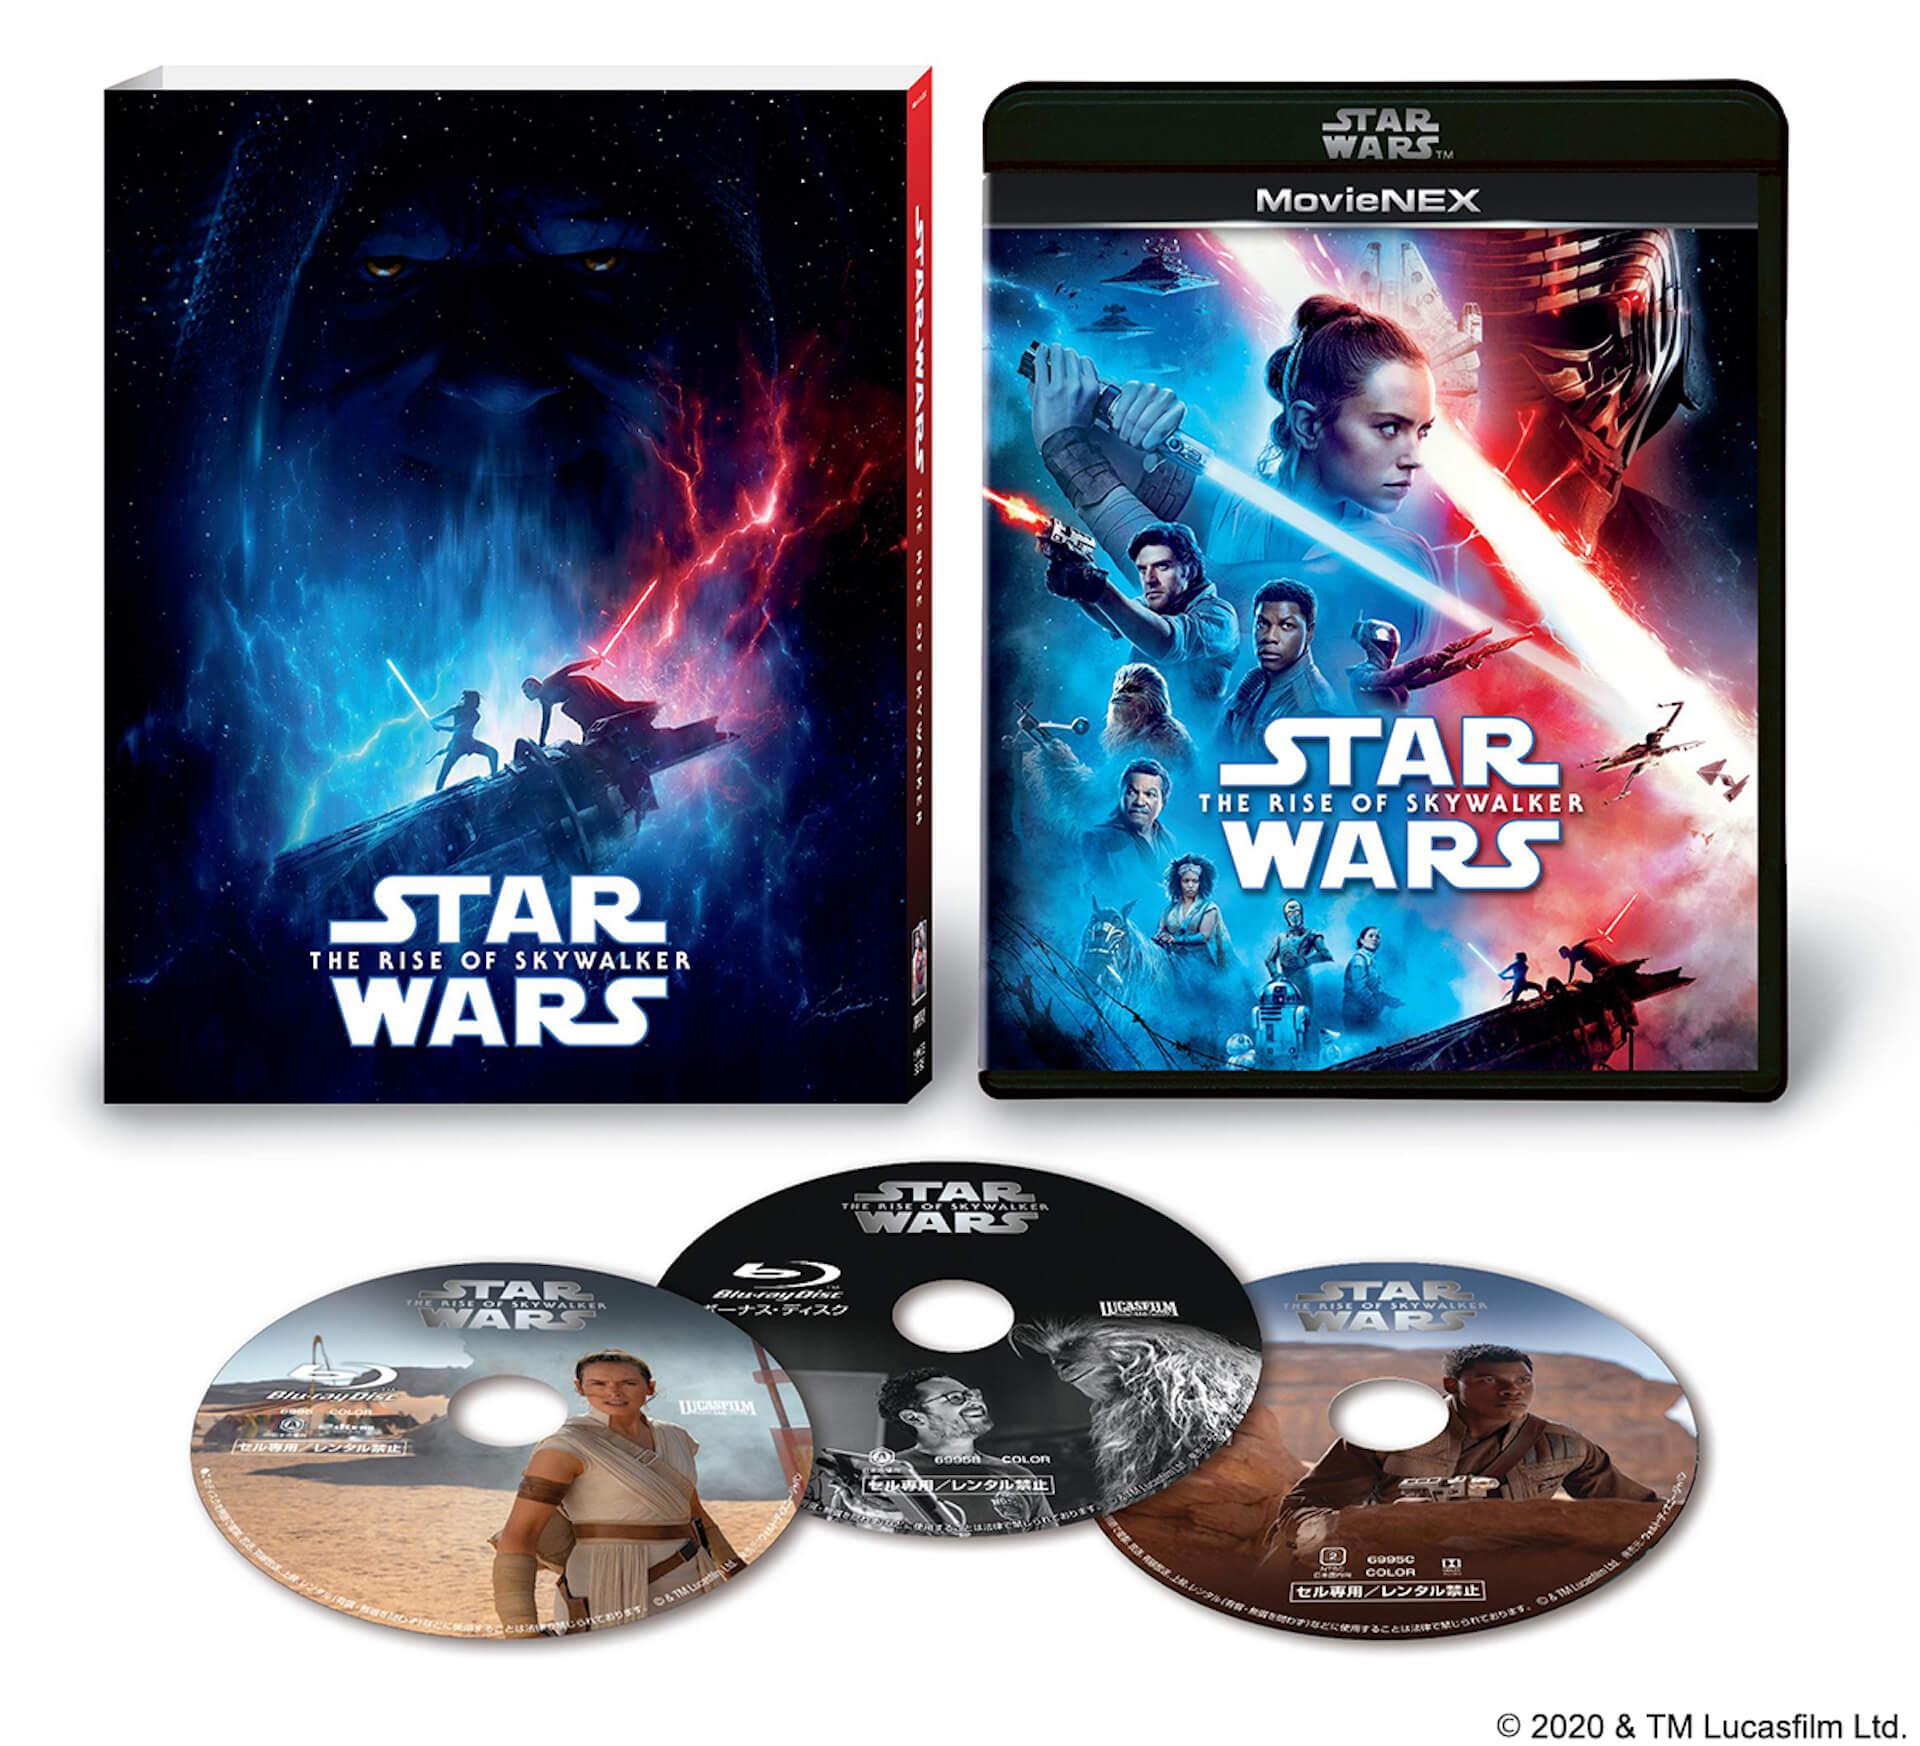 ついに『スター・ウォーズ/スカイウォーカーの夜明け』のMovieNEXが登場!サーガ全9作をコンプリートしたBOX盤も発売 video200306_starwars_bluray_7